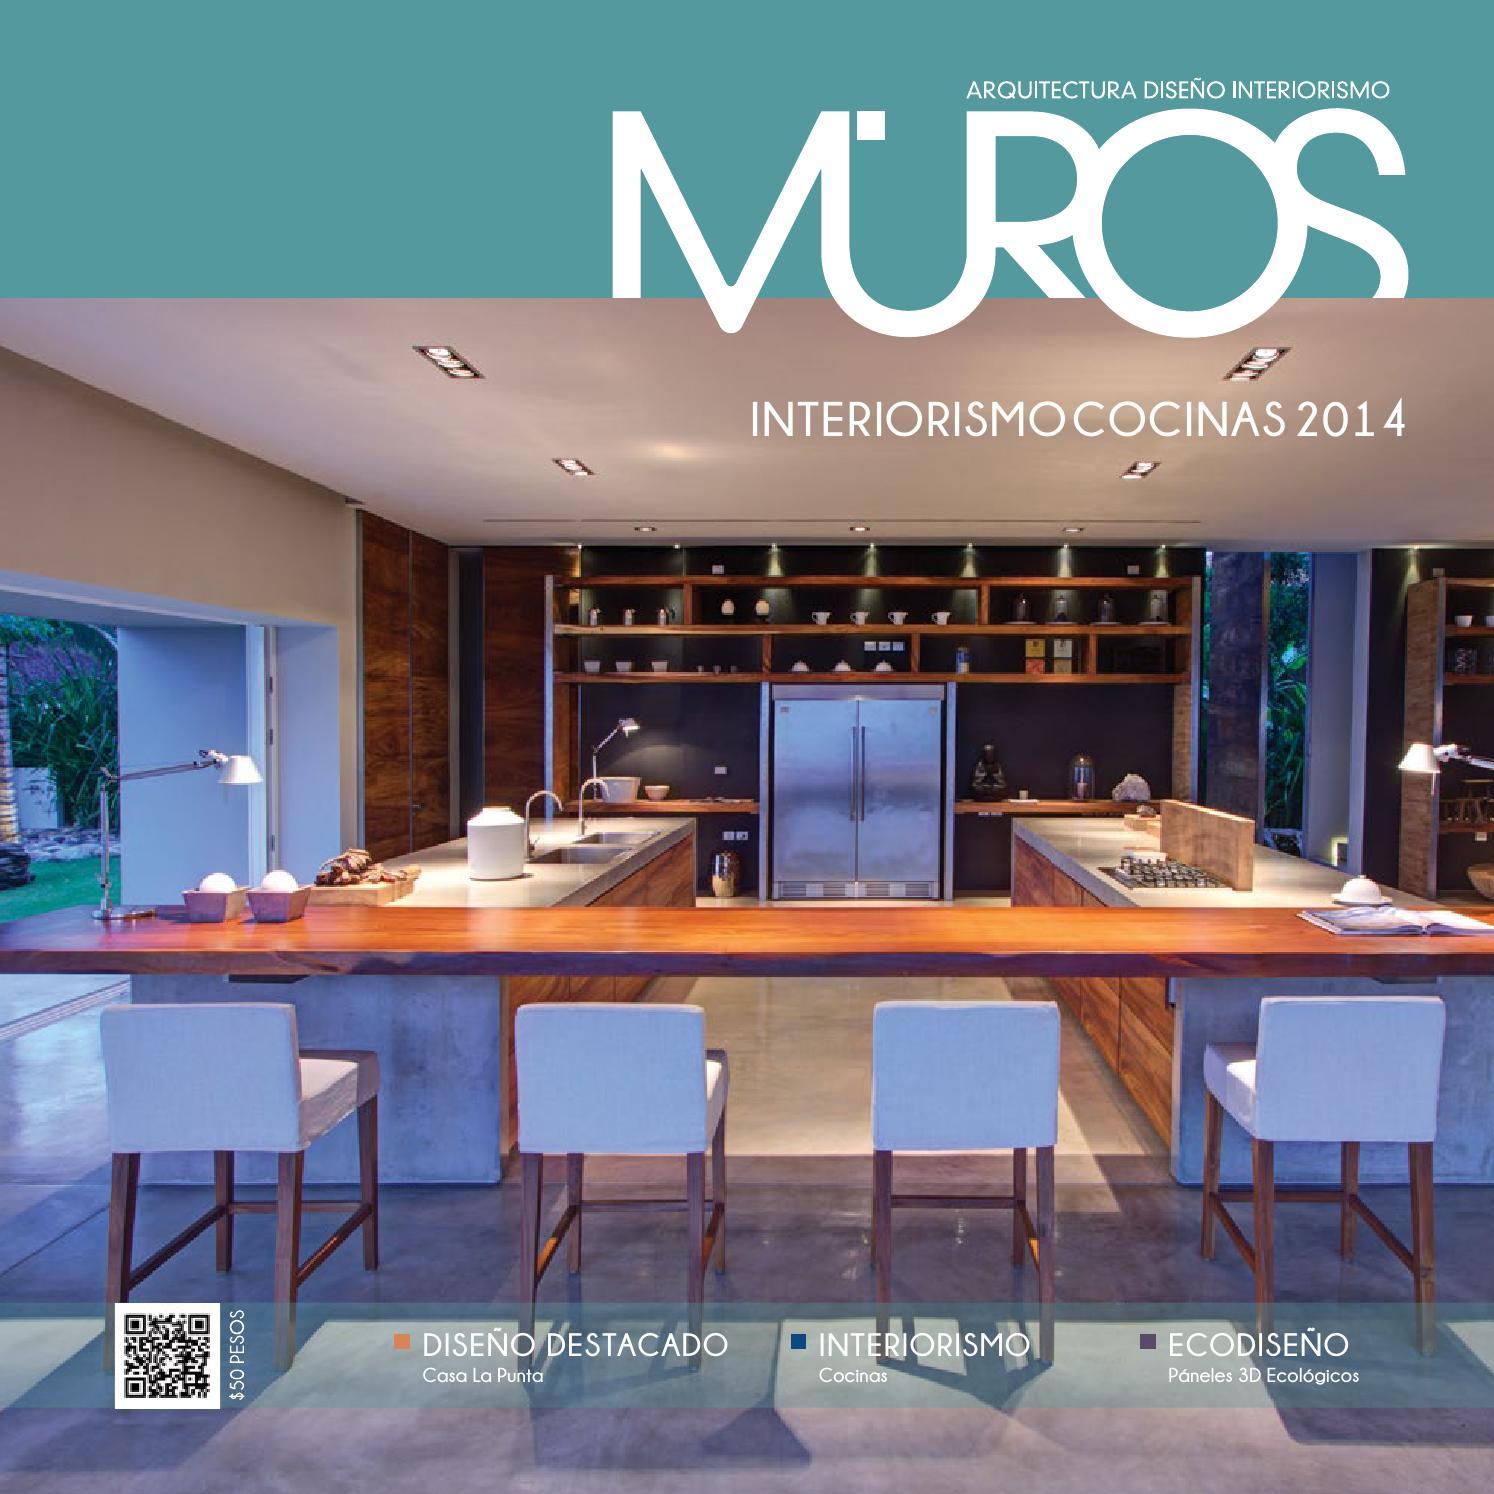 Edici n 10 revista muros arquitectura dise o for Revista habitat arquitectura diseno interiorismo